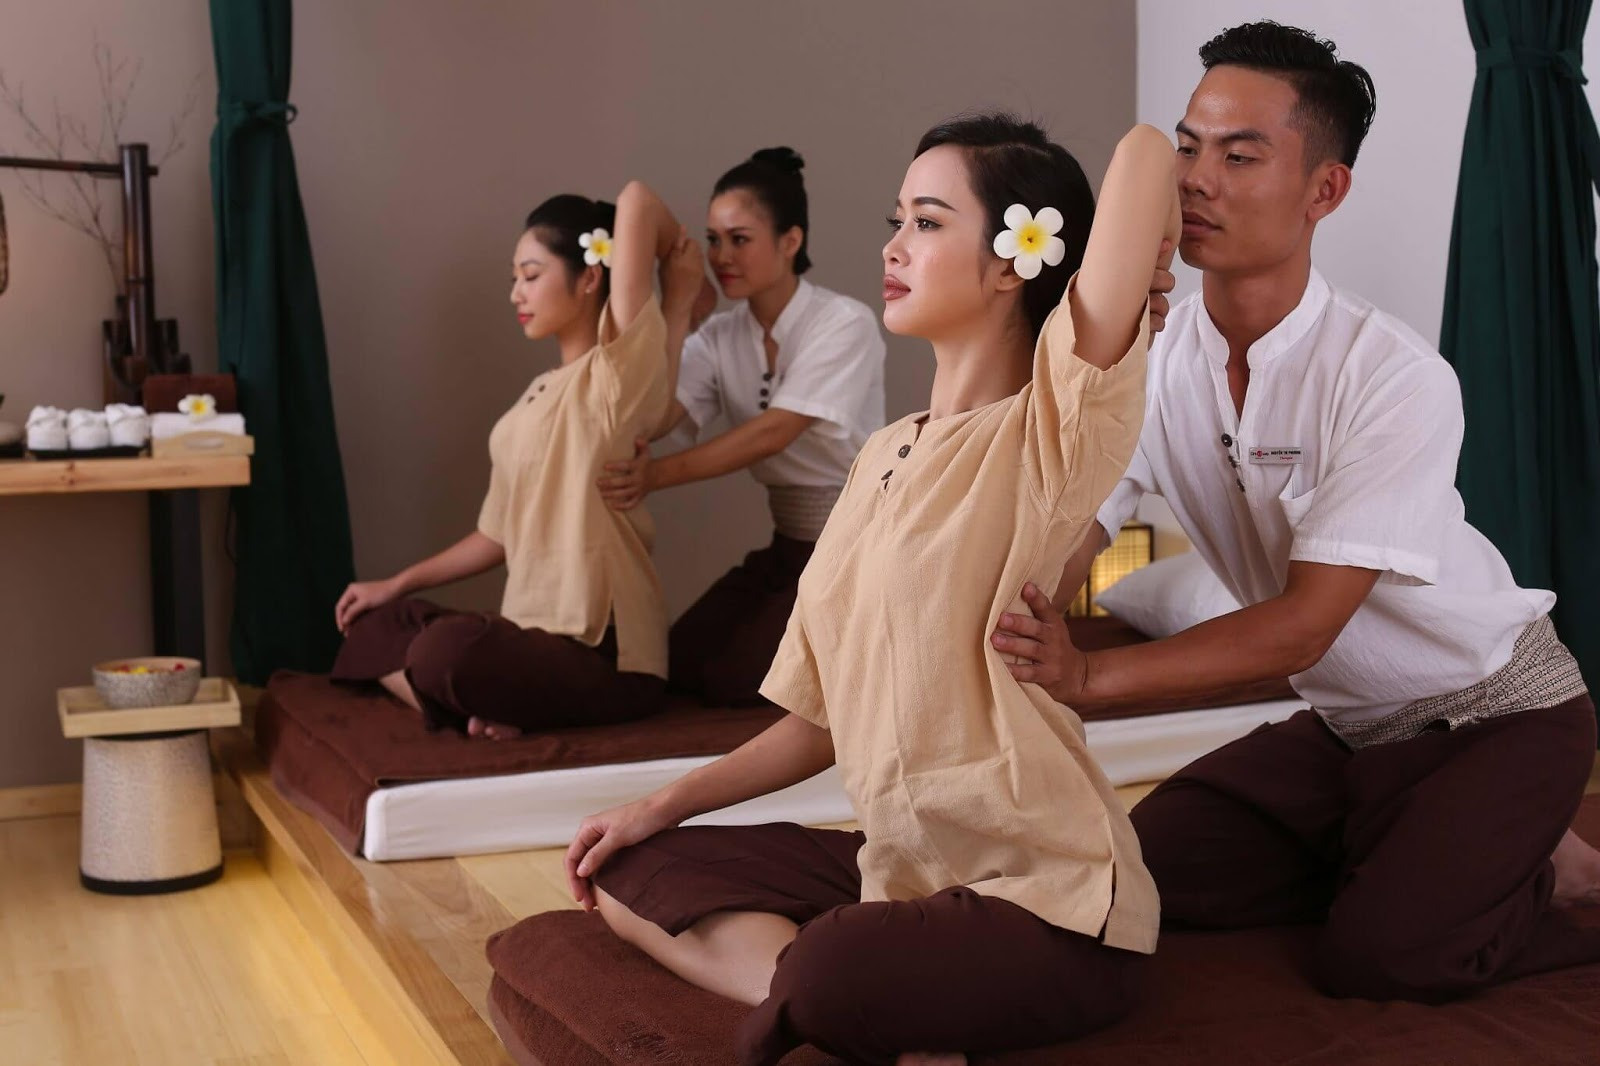 Tiêu chuẩn kép giúp tinh thần và sức khỏe hồi phục nhất mỗi khi bị stress qua massage Thái